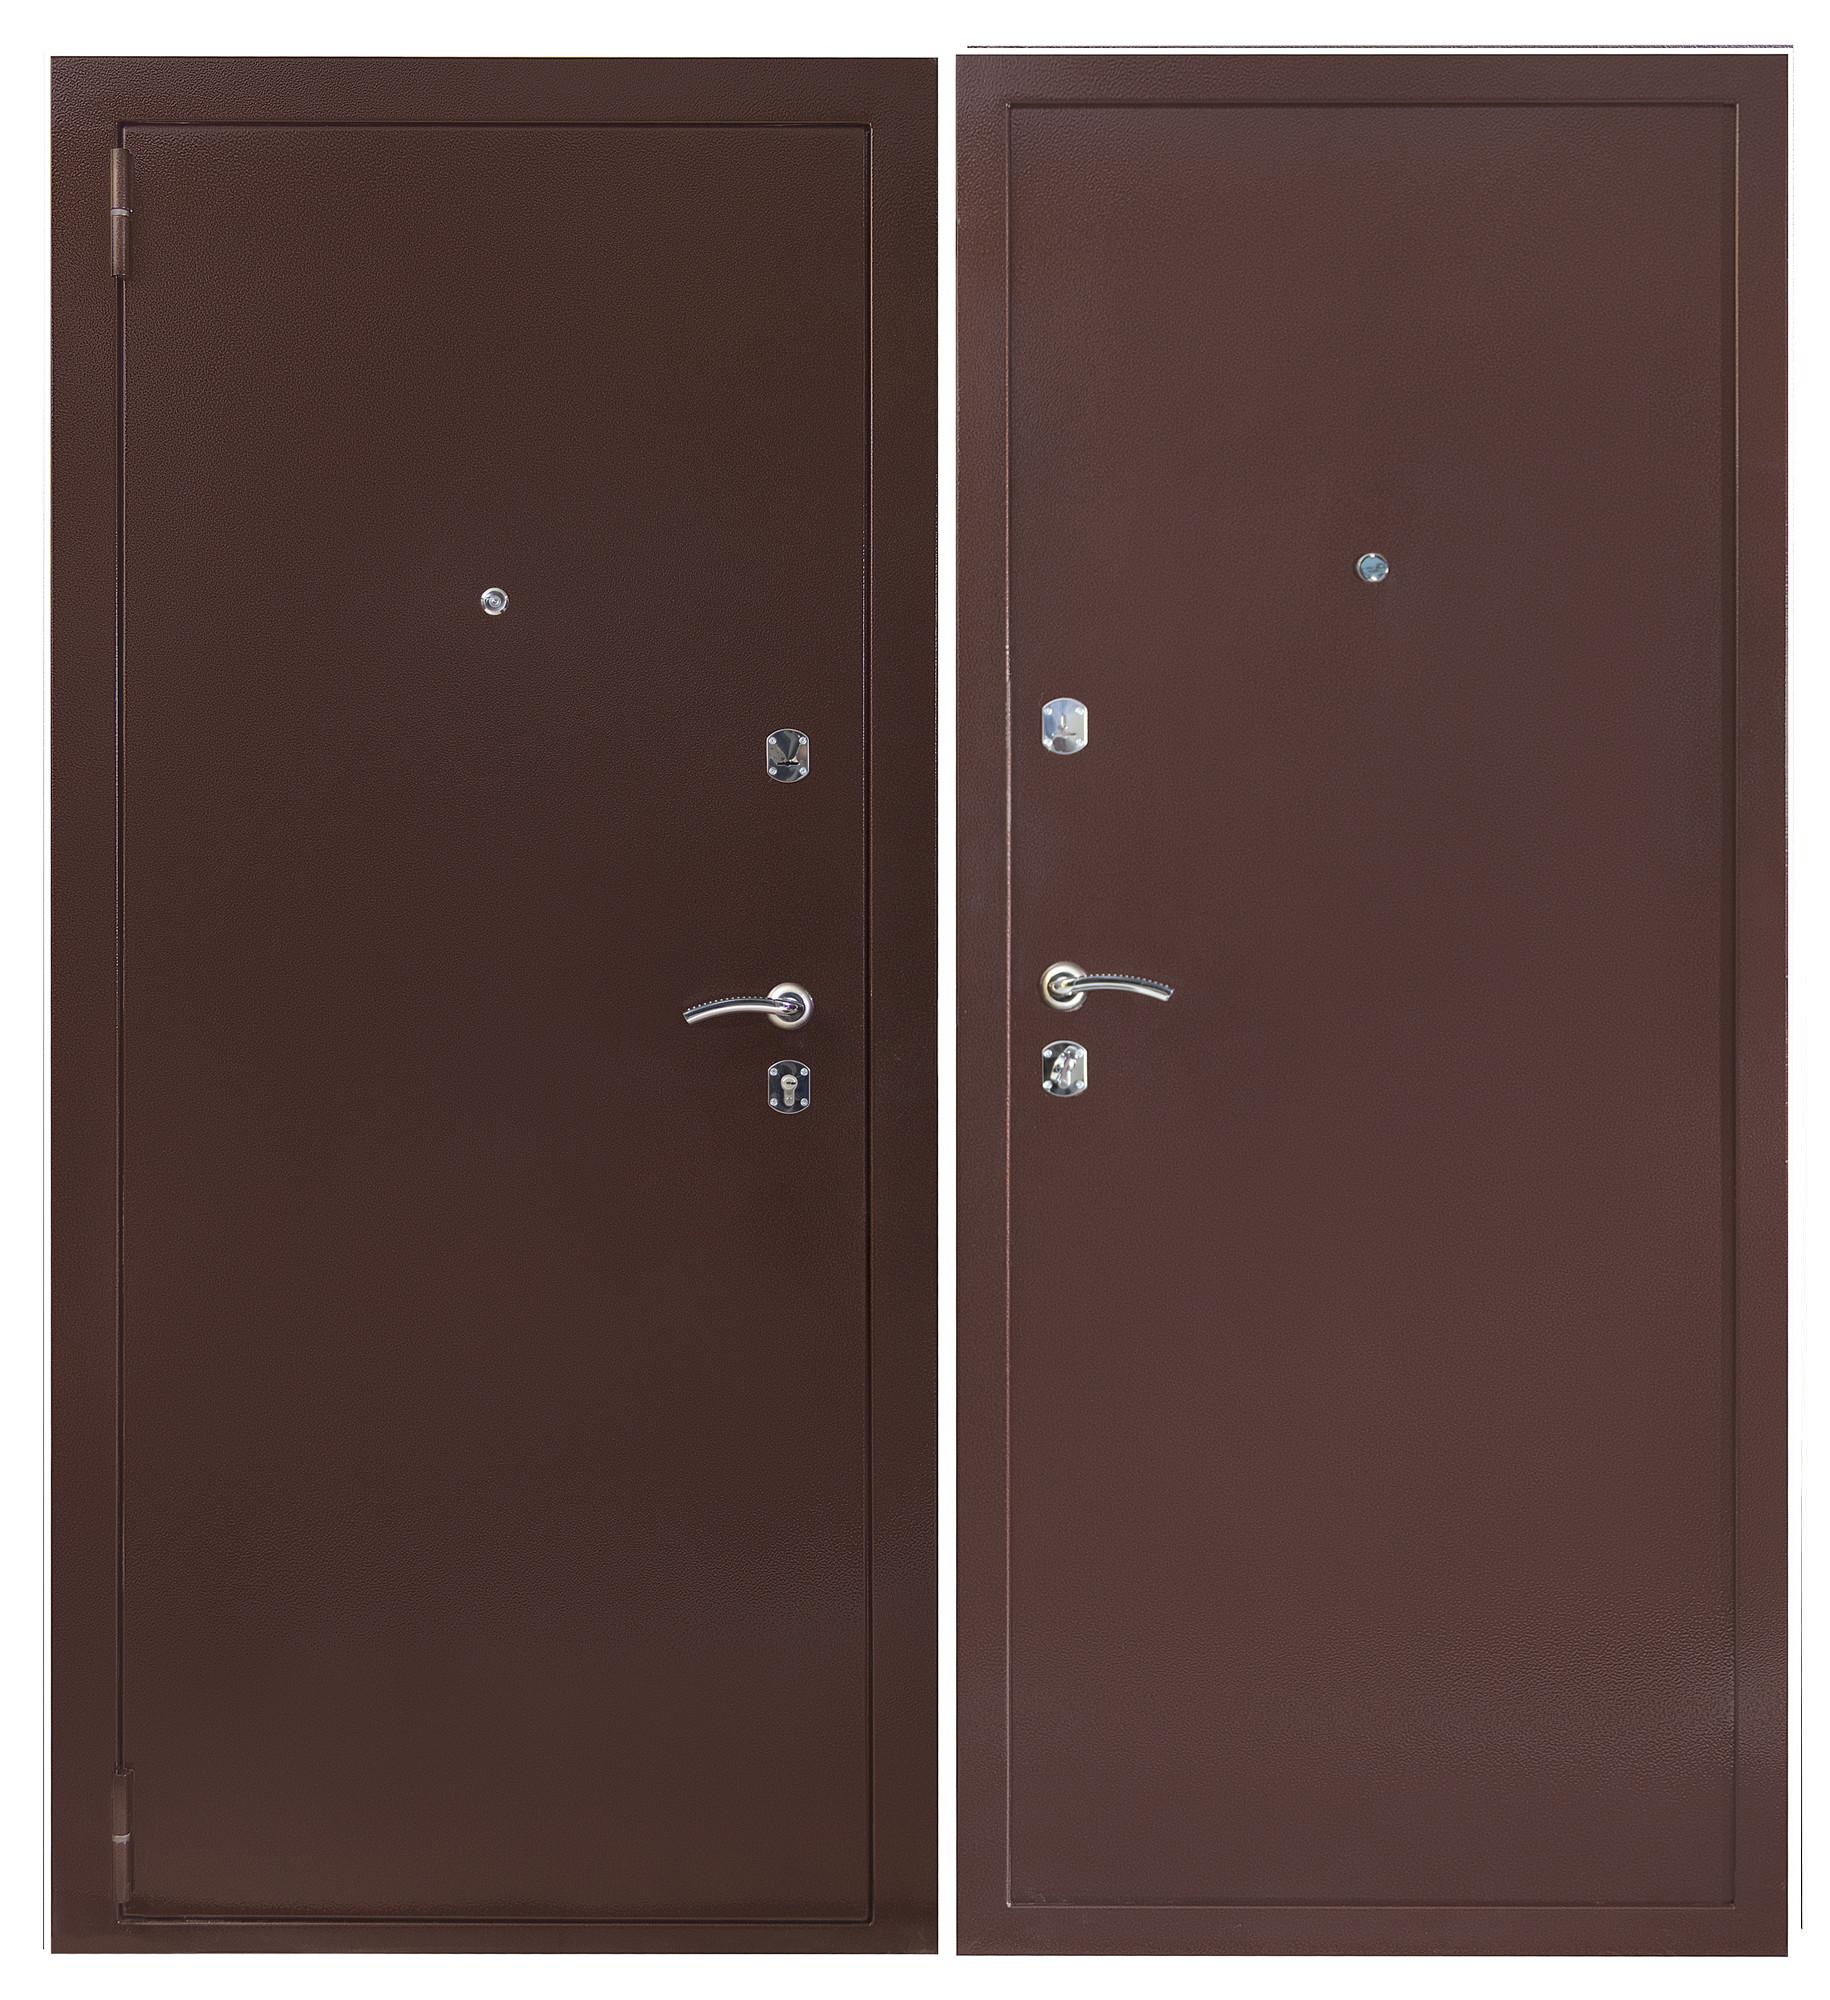 Дверь Sidoorov S 80 Антик медь / Антик медь